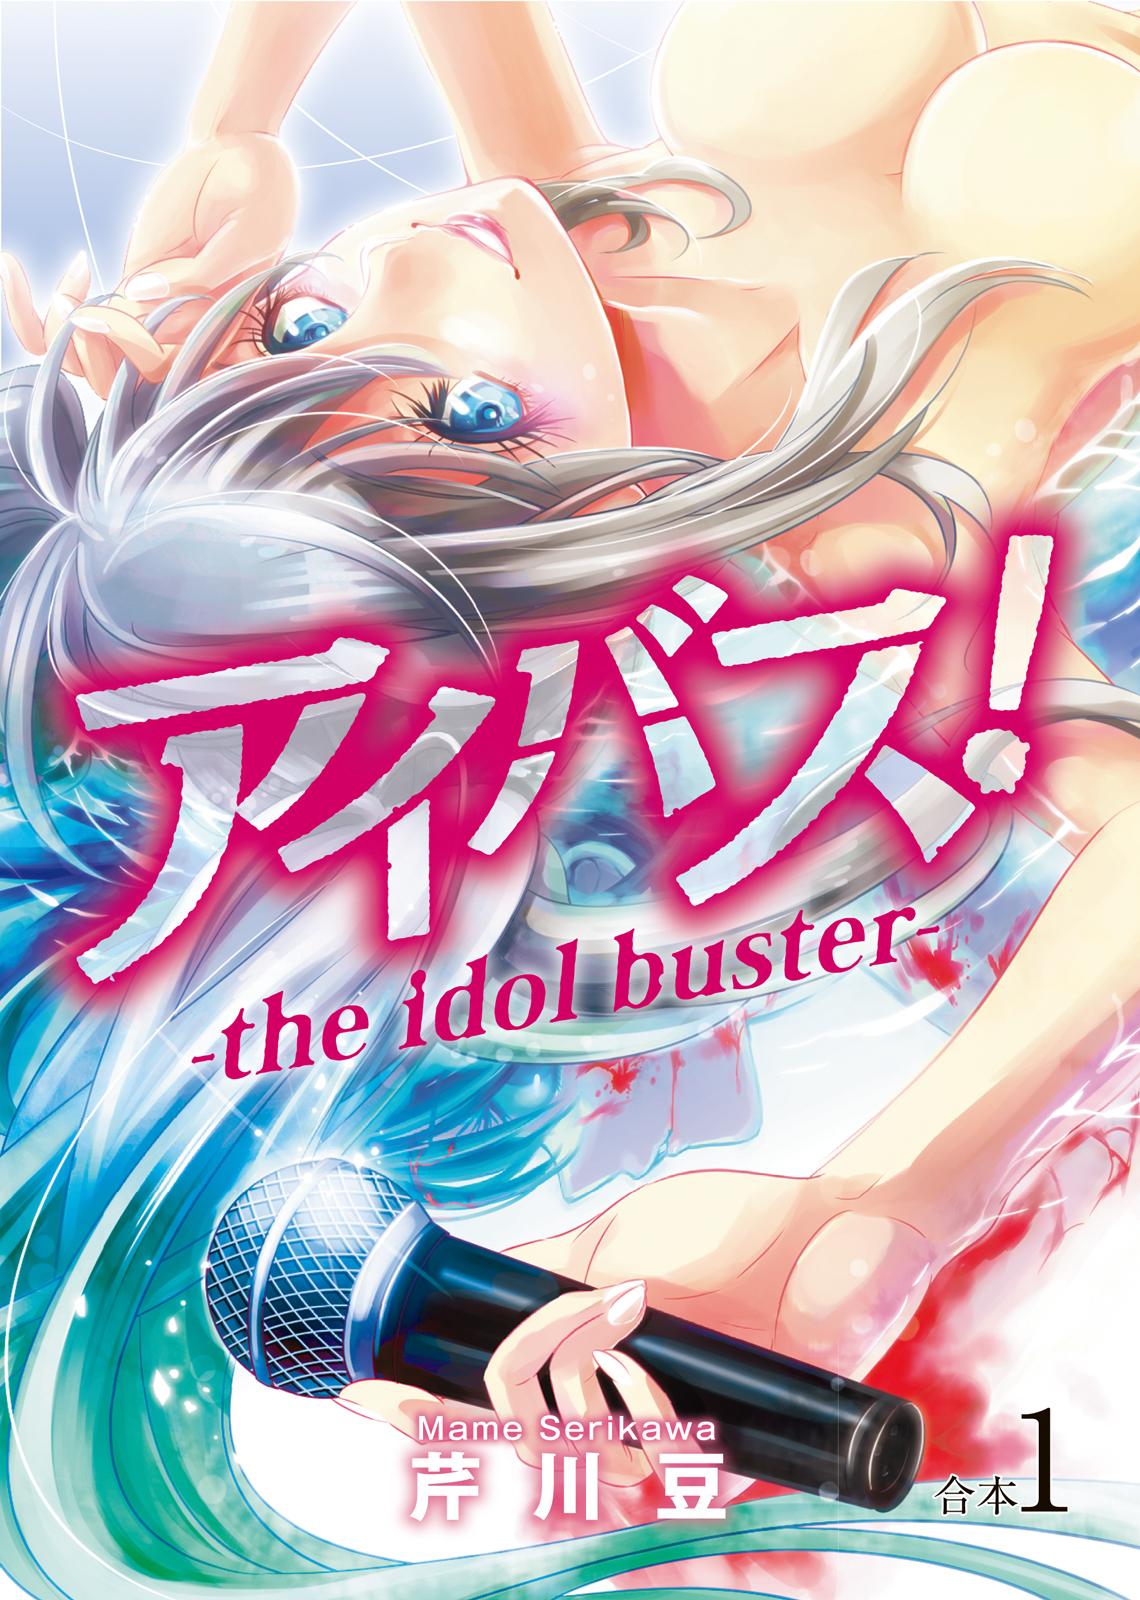 アイバス!-the idol buster-(第1話(1))